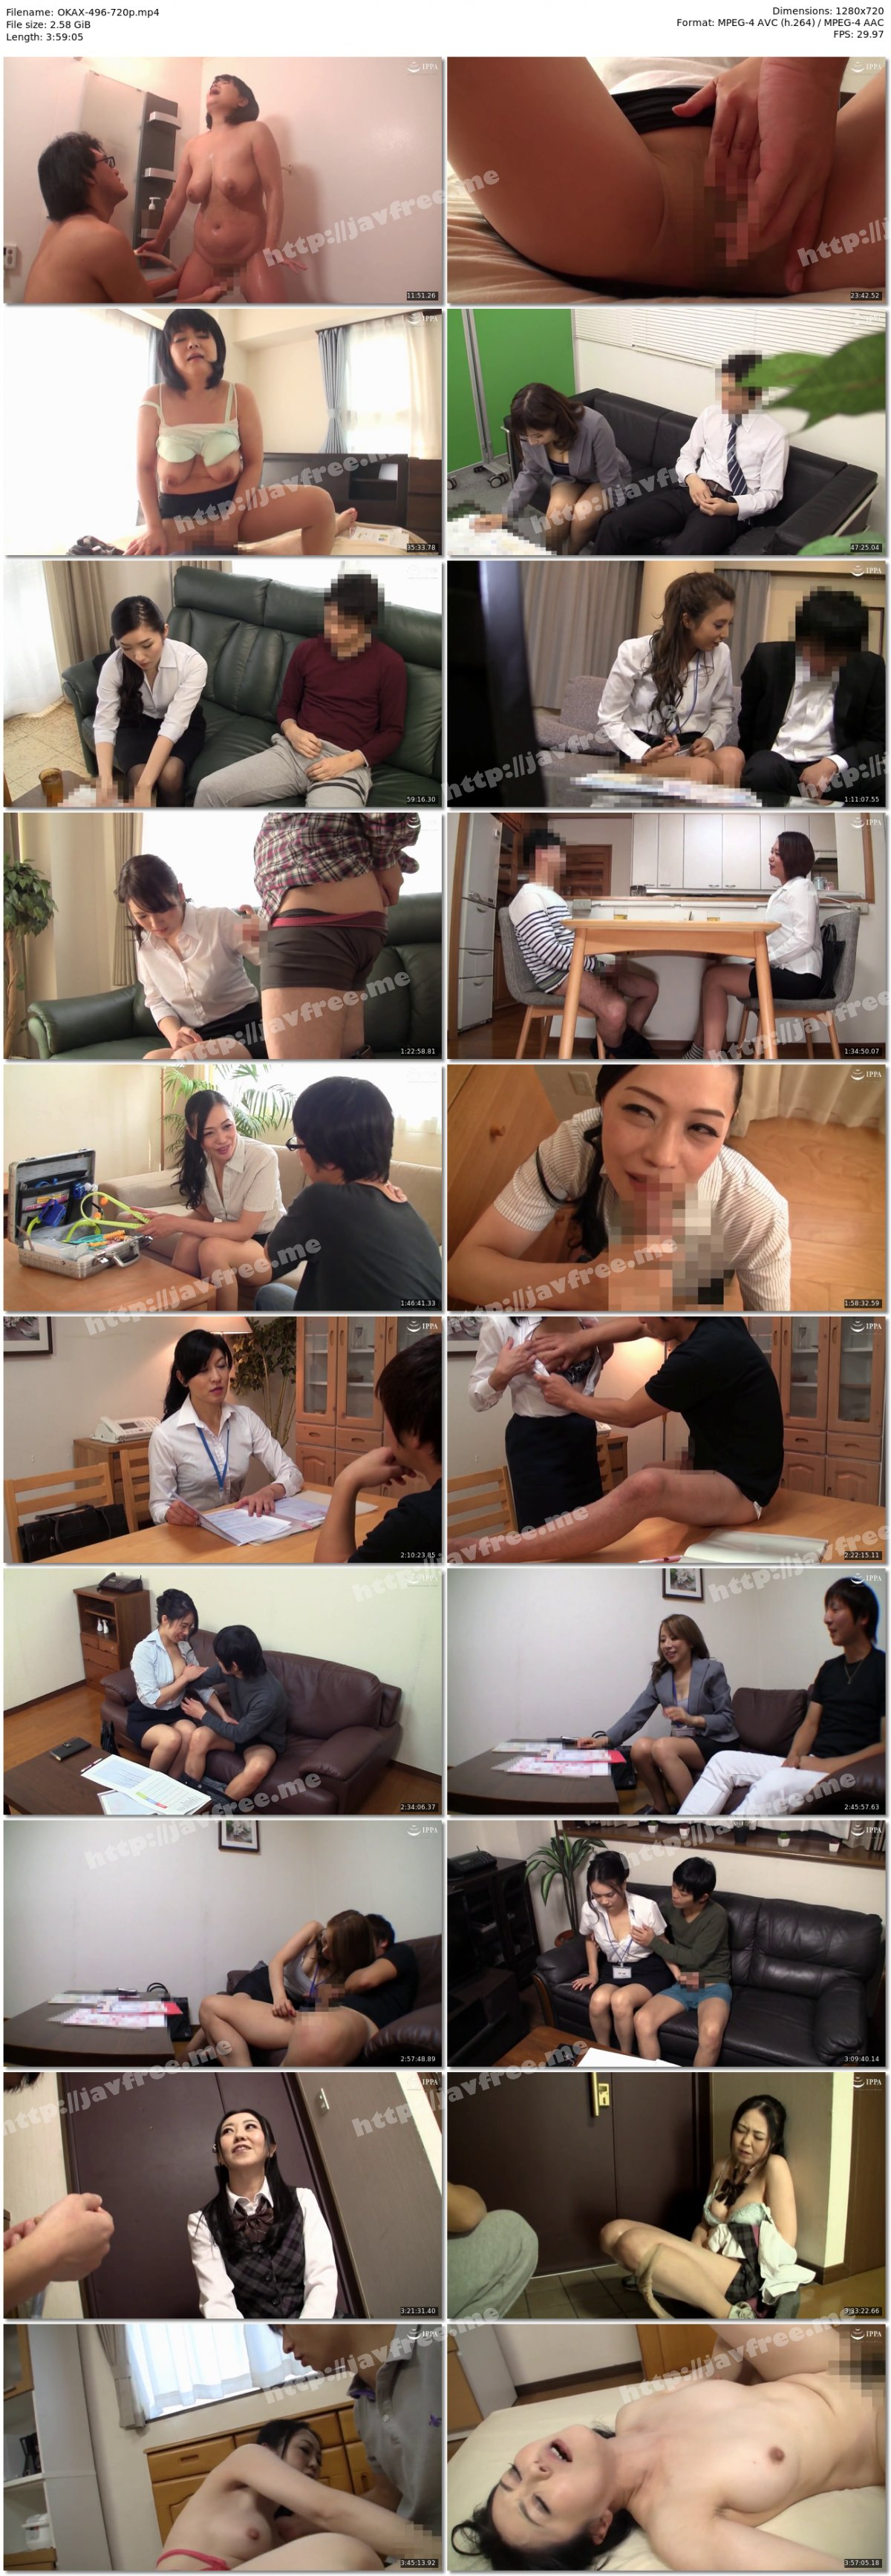 [HD][OKAX-496] ノルマに追われてる営業レディのおばさんは契約したらチ○ポ舐めてくれるのか?枕営業を徹底検証4時間 - image OKAX-496-720p on https://javfree.me